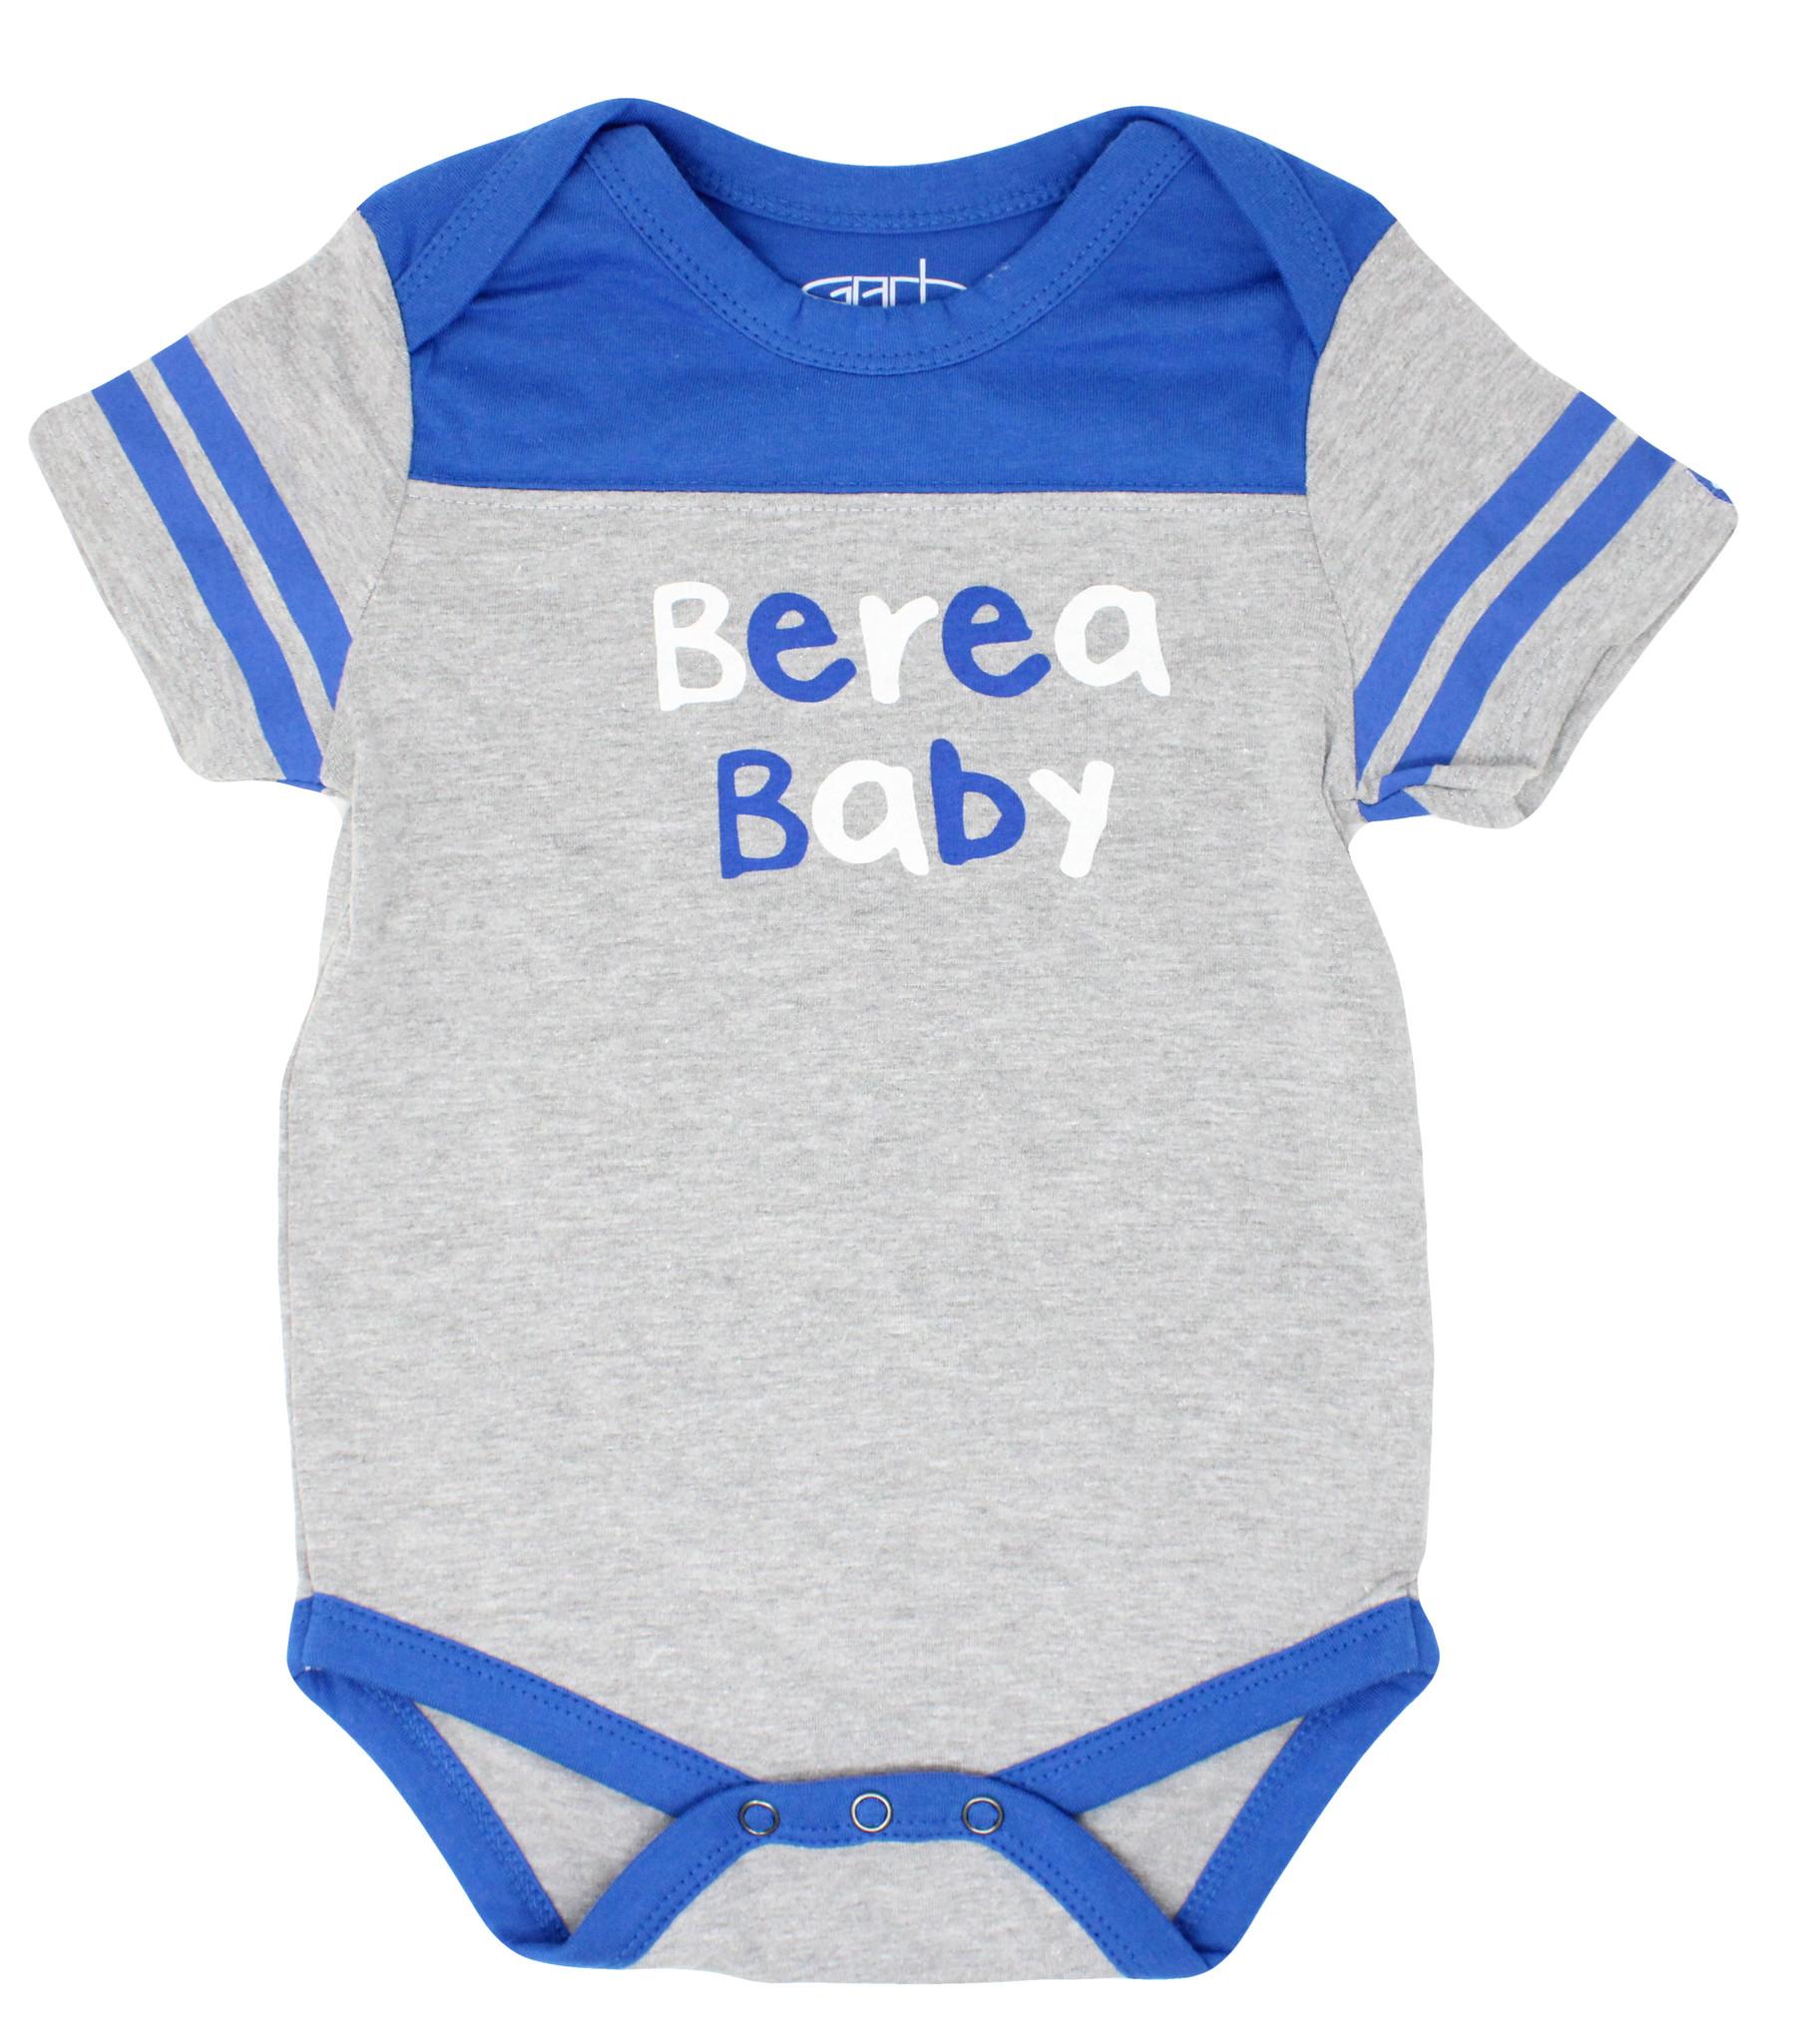 Berea Baby 2-Pack Onesie-2